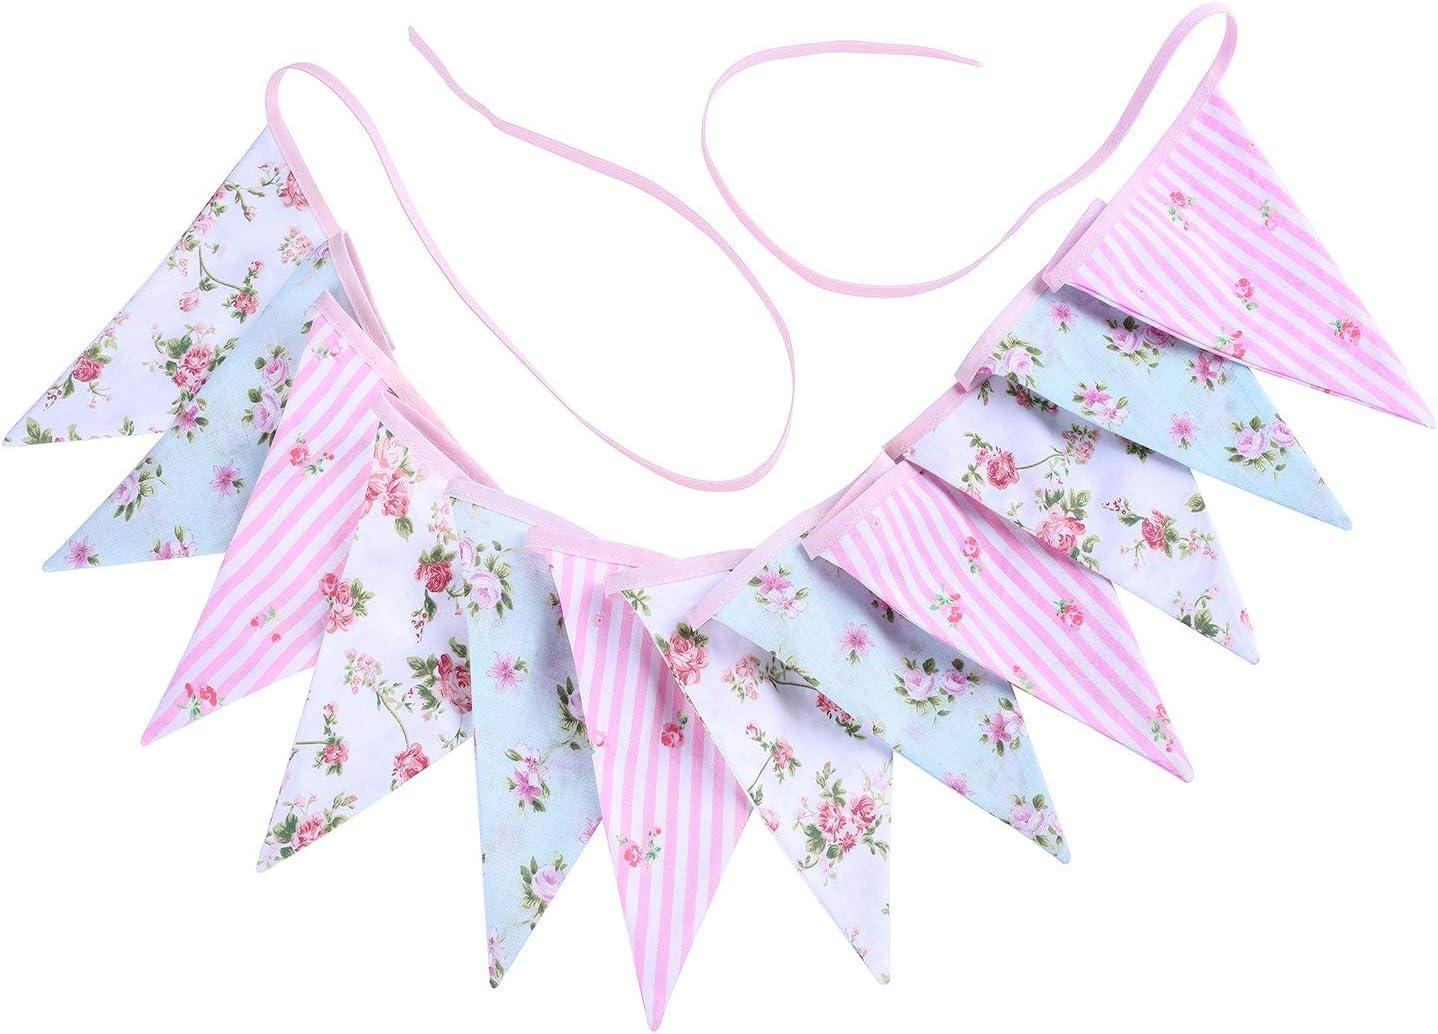 14 x 18,5 cm Banderines estilo vintage con dise/ño de flores y tri/ángulos